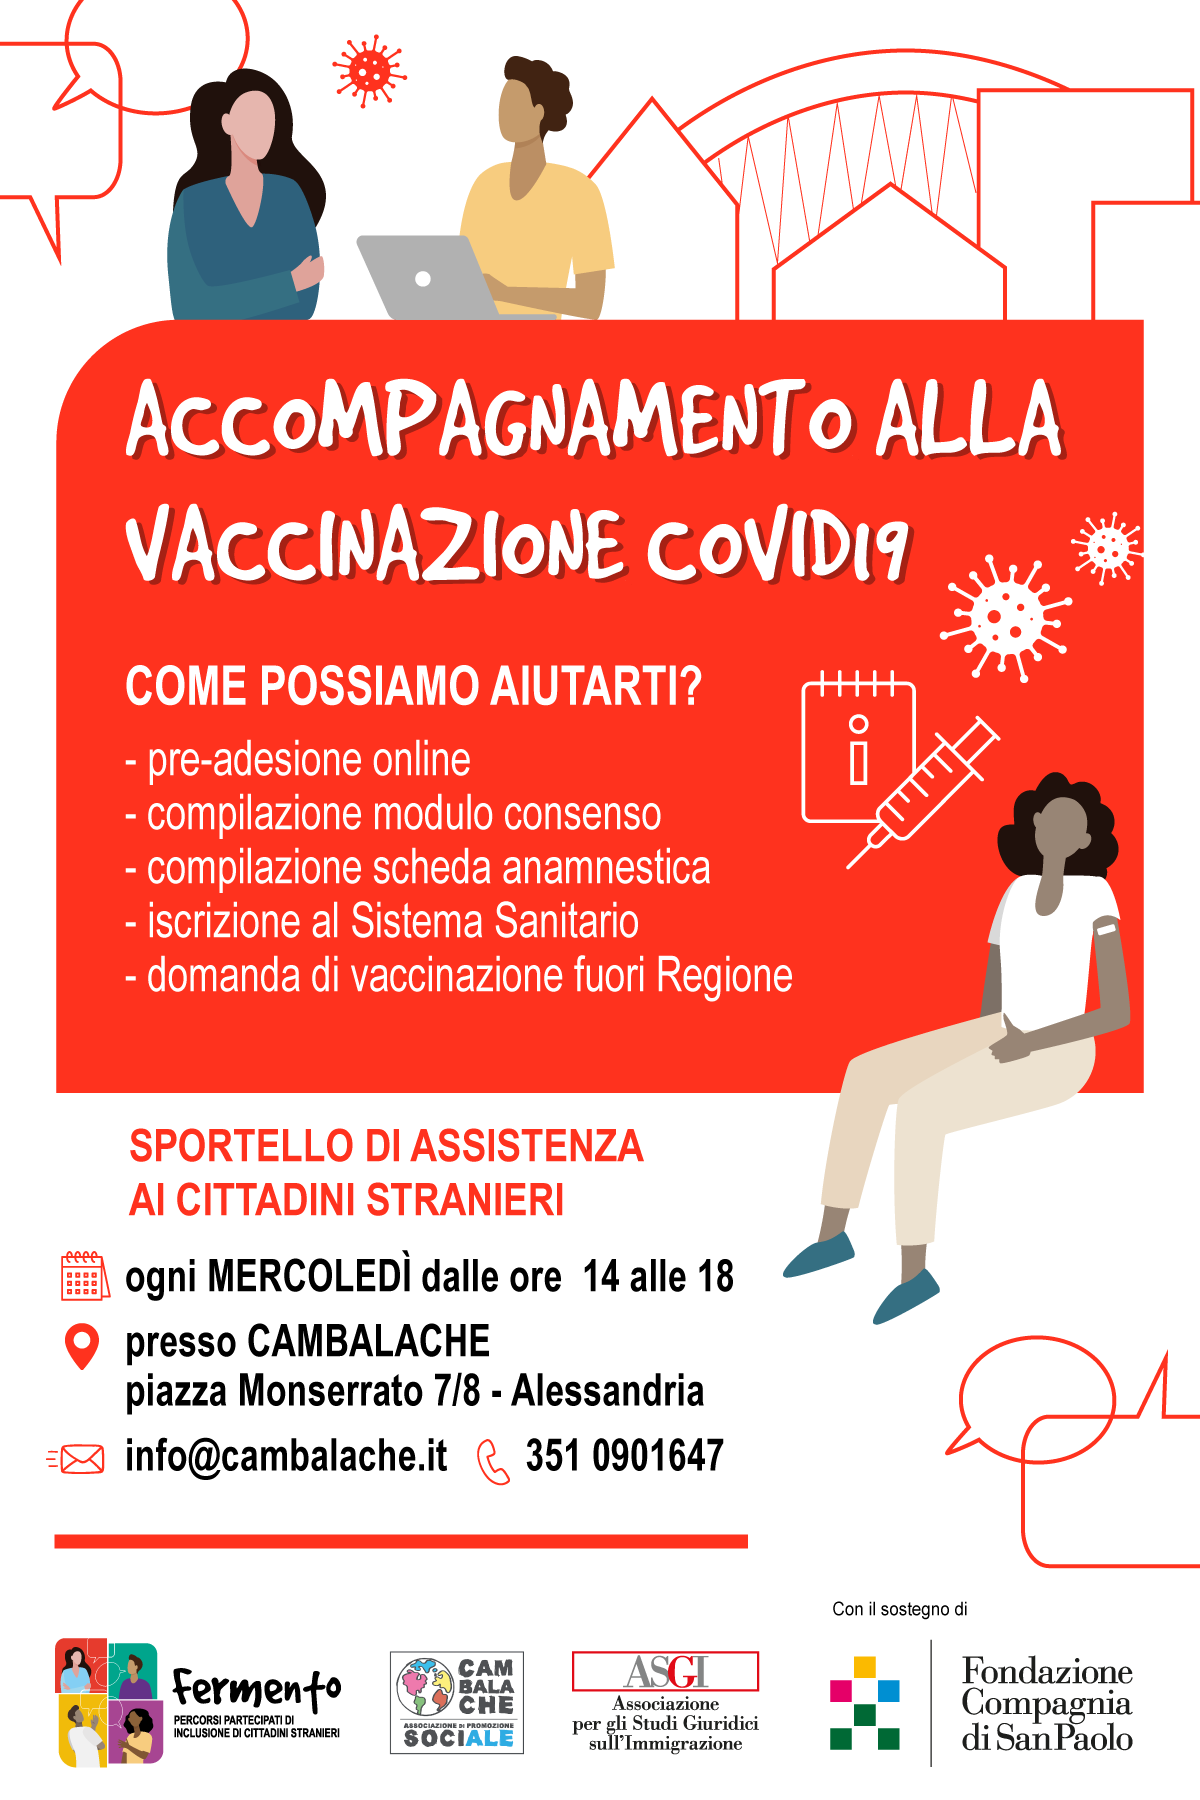 Accompagnamento alla vaccinazione Covid19 presso lo Sportello di Cambalache